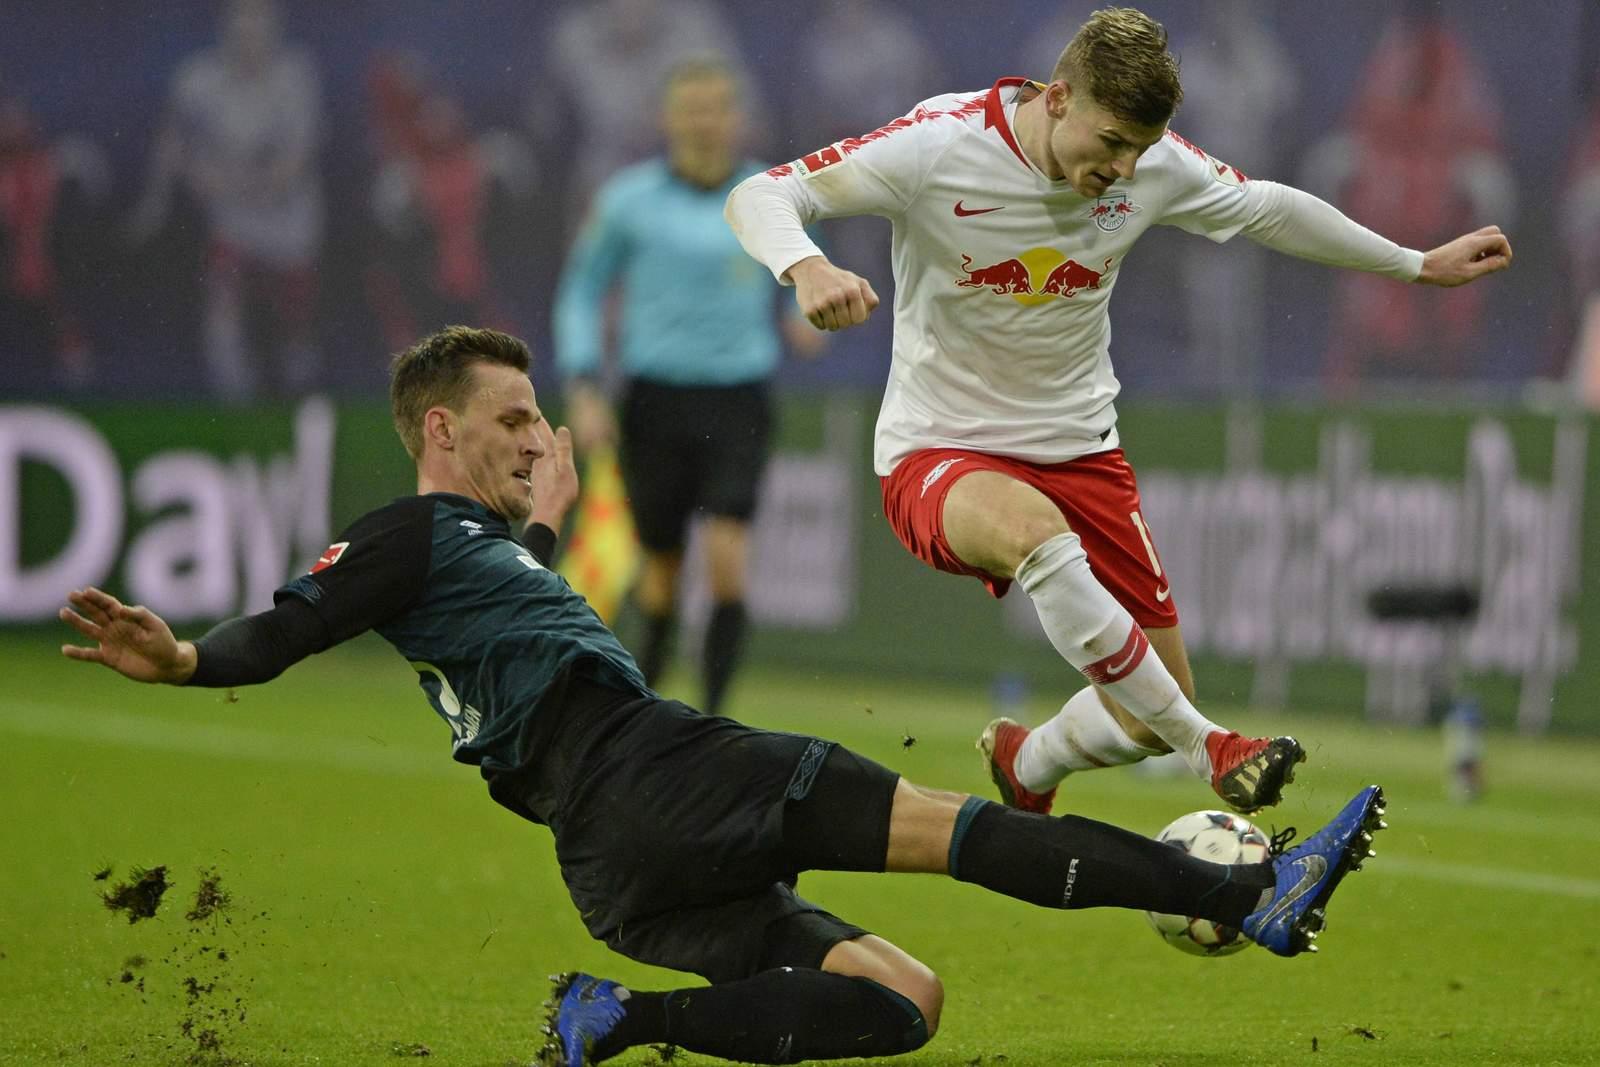 Setzt sich Werner wieder gegen Langkamp durch? Unser Tipp: Red Bull Leipzig gewinnt gegen Bremen